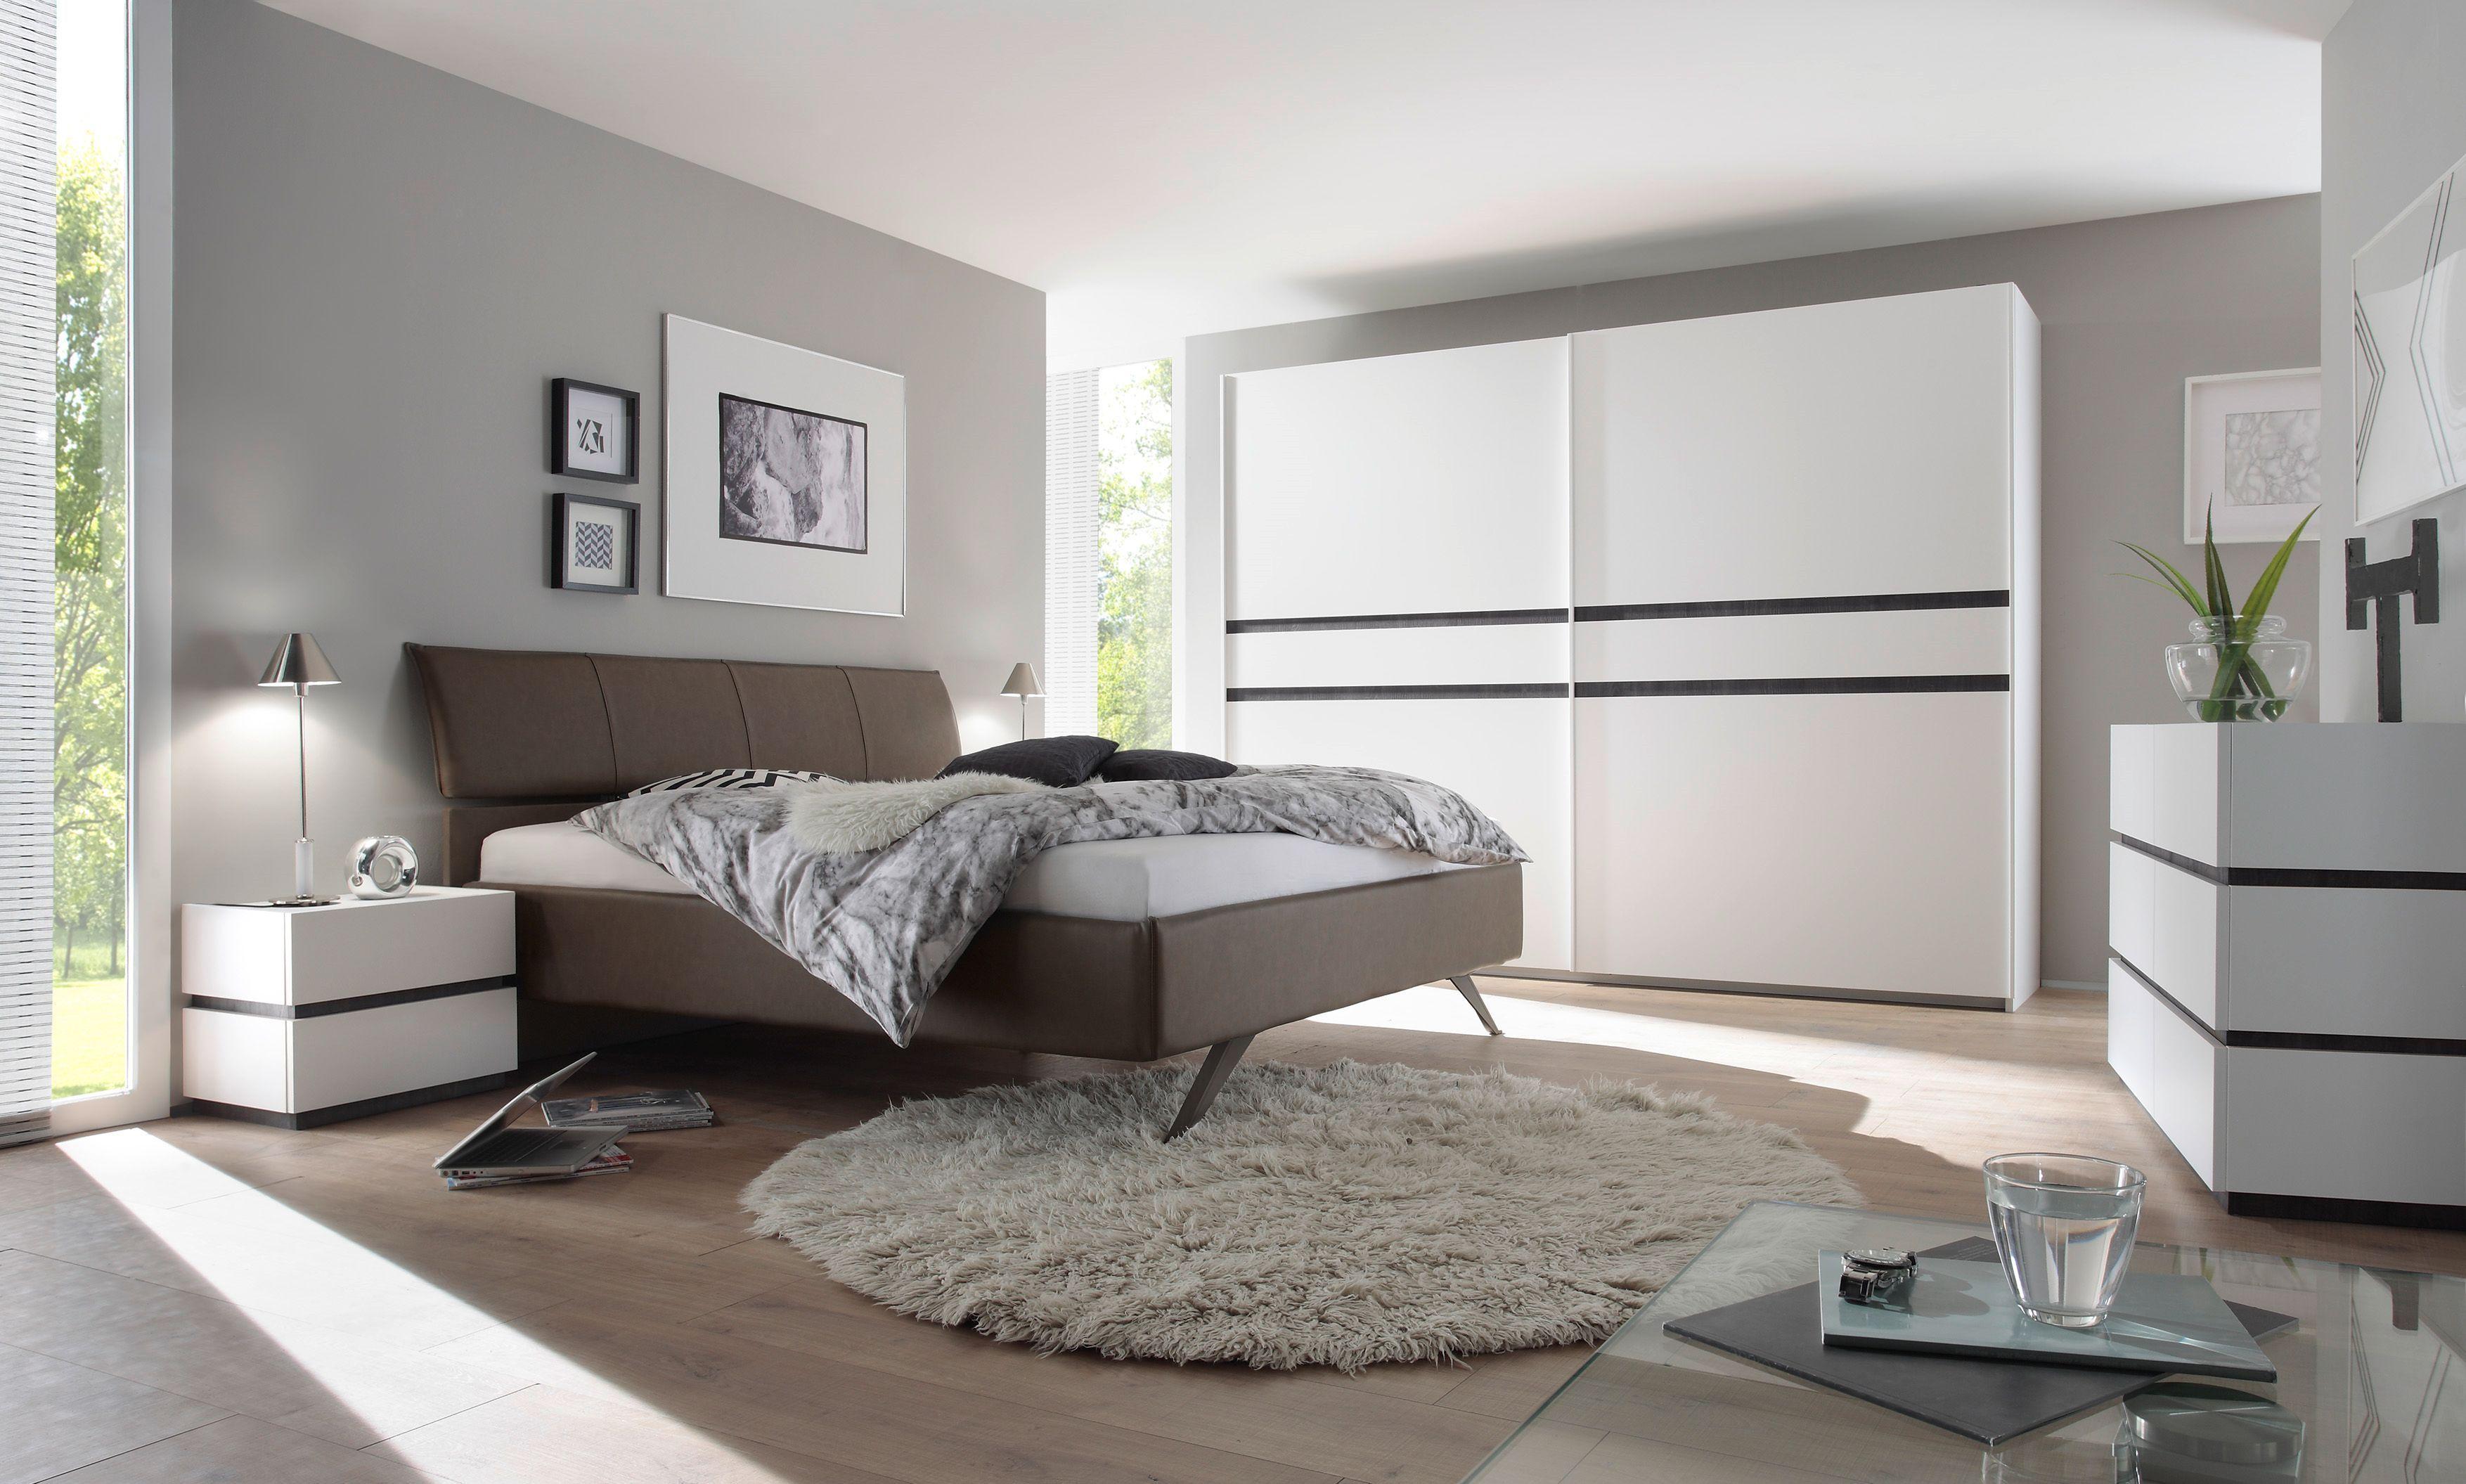 Schlafzimmer Wenge ~ Schlafzimmer mit bett cm weiss matt lackiert eiche